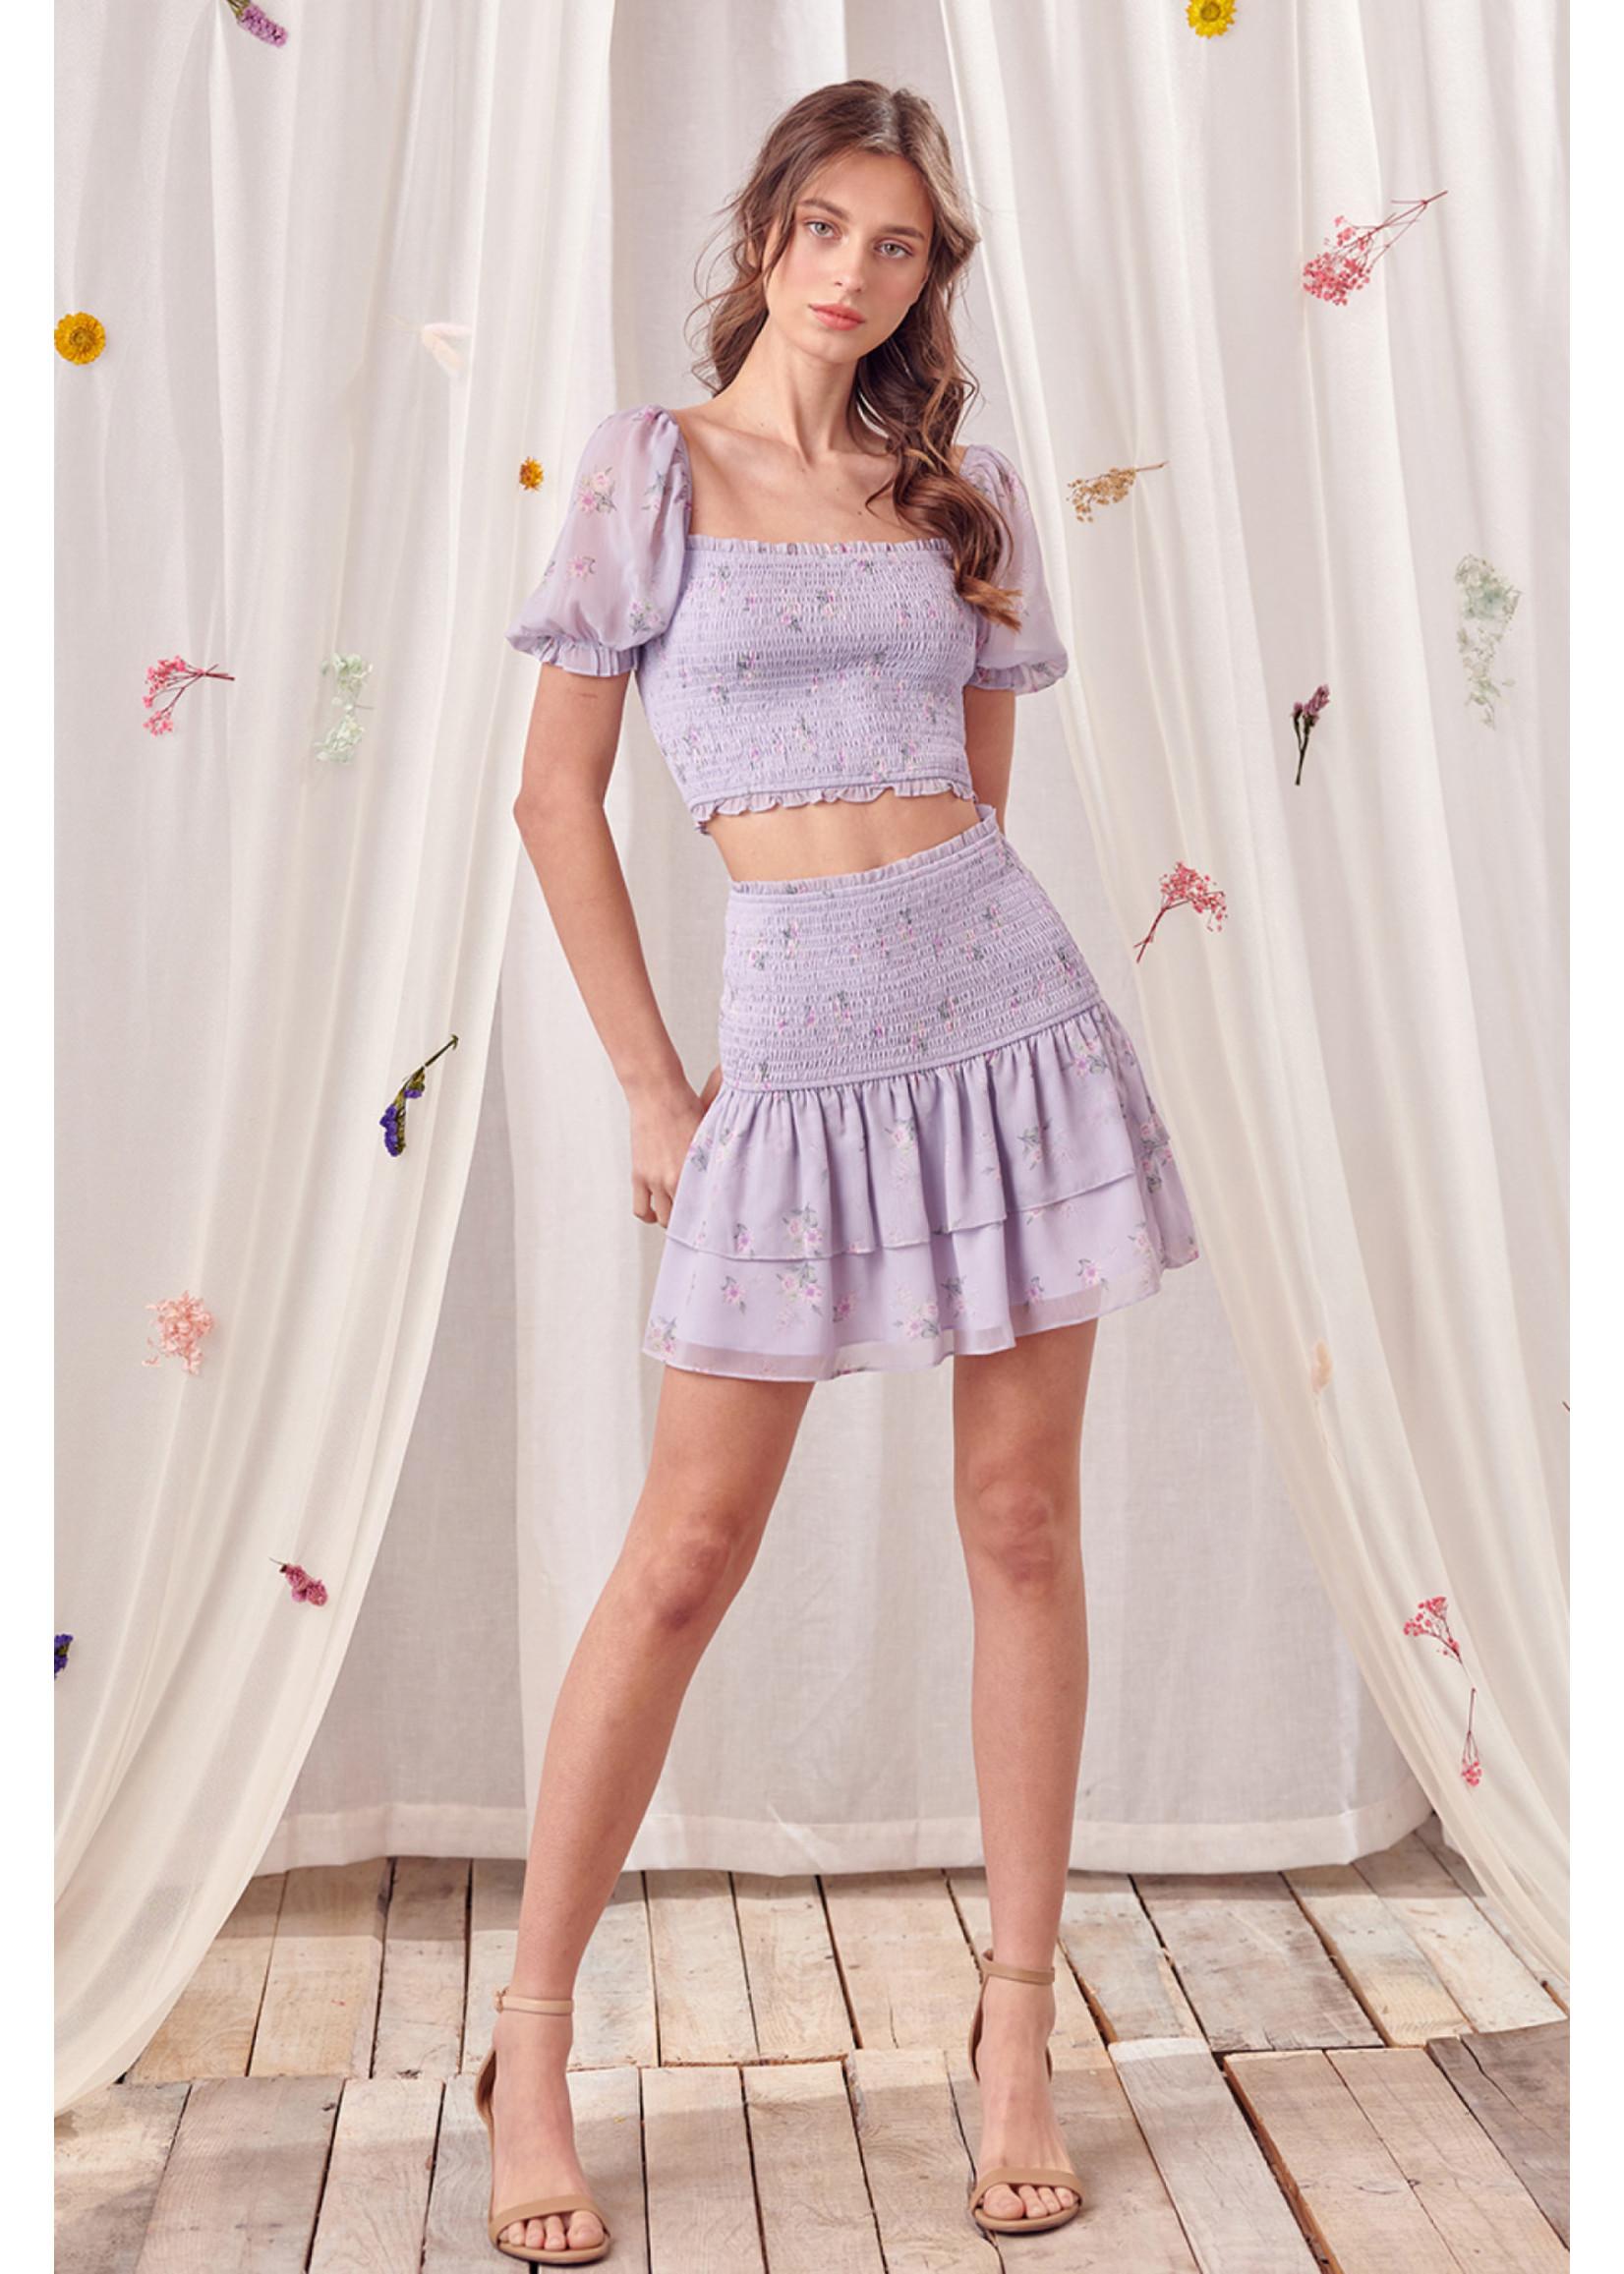 Storia Bouquet Floral Pastel Mini Skirt - JS3250B